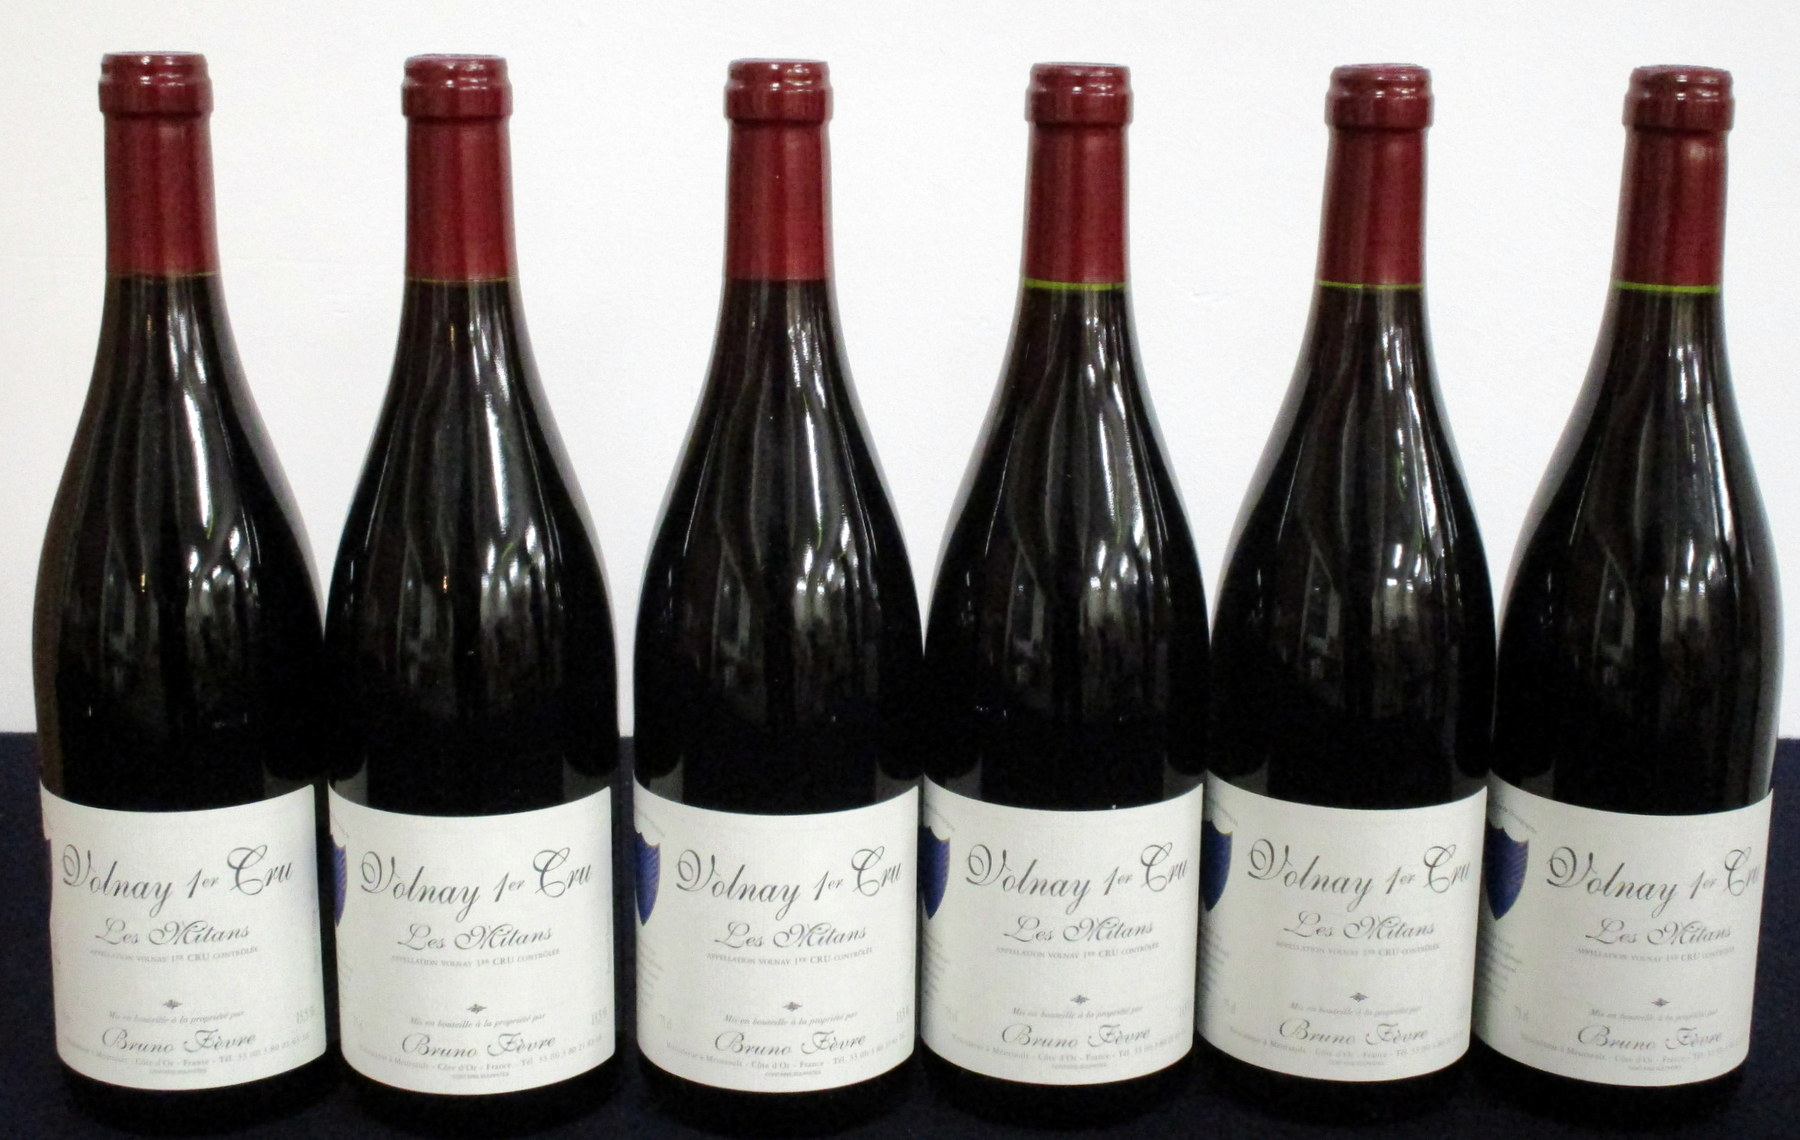 v 6 bts Volnay 1er Cru Les Mitans 2005 Bruno Fèvre 4 hf, 2 hf/i.n